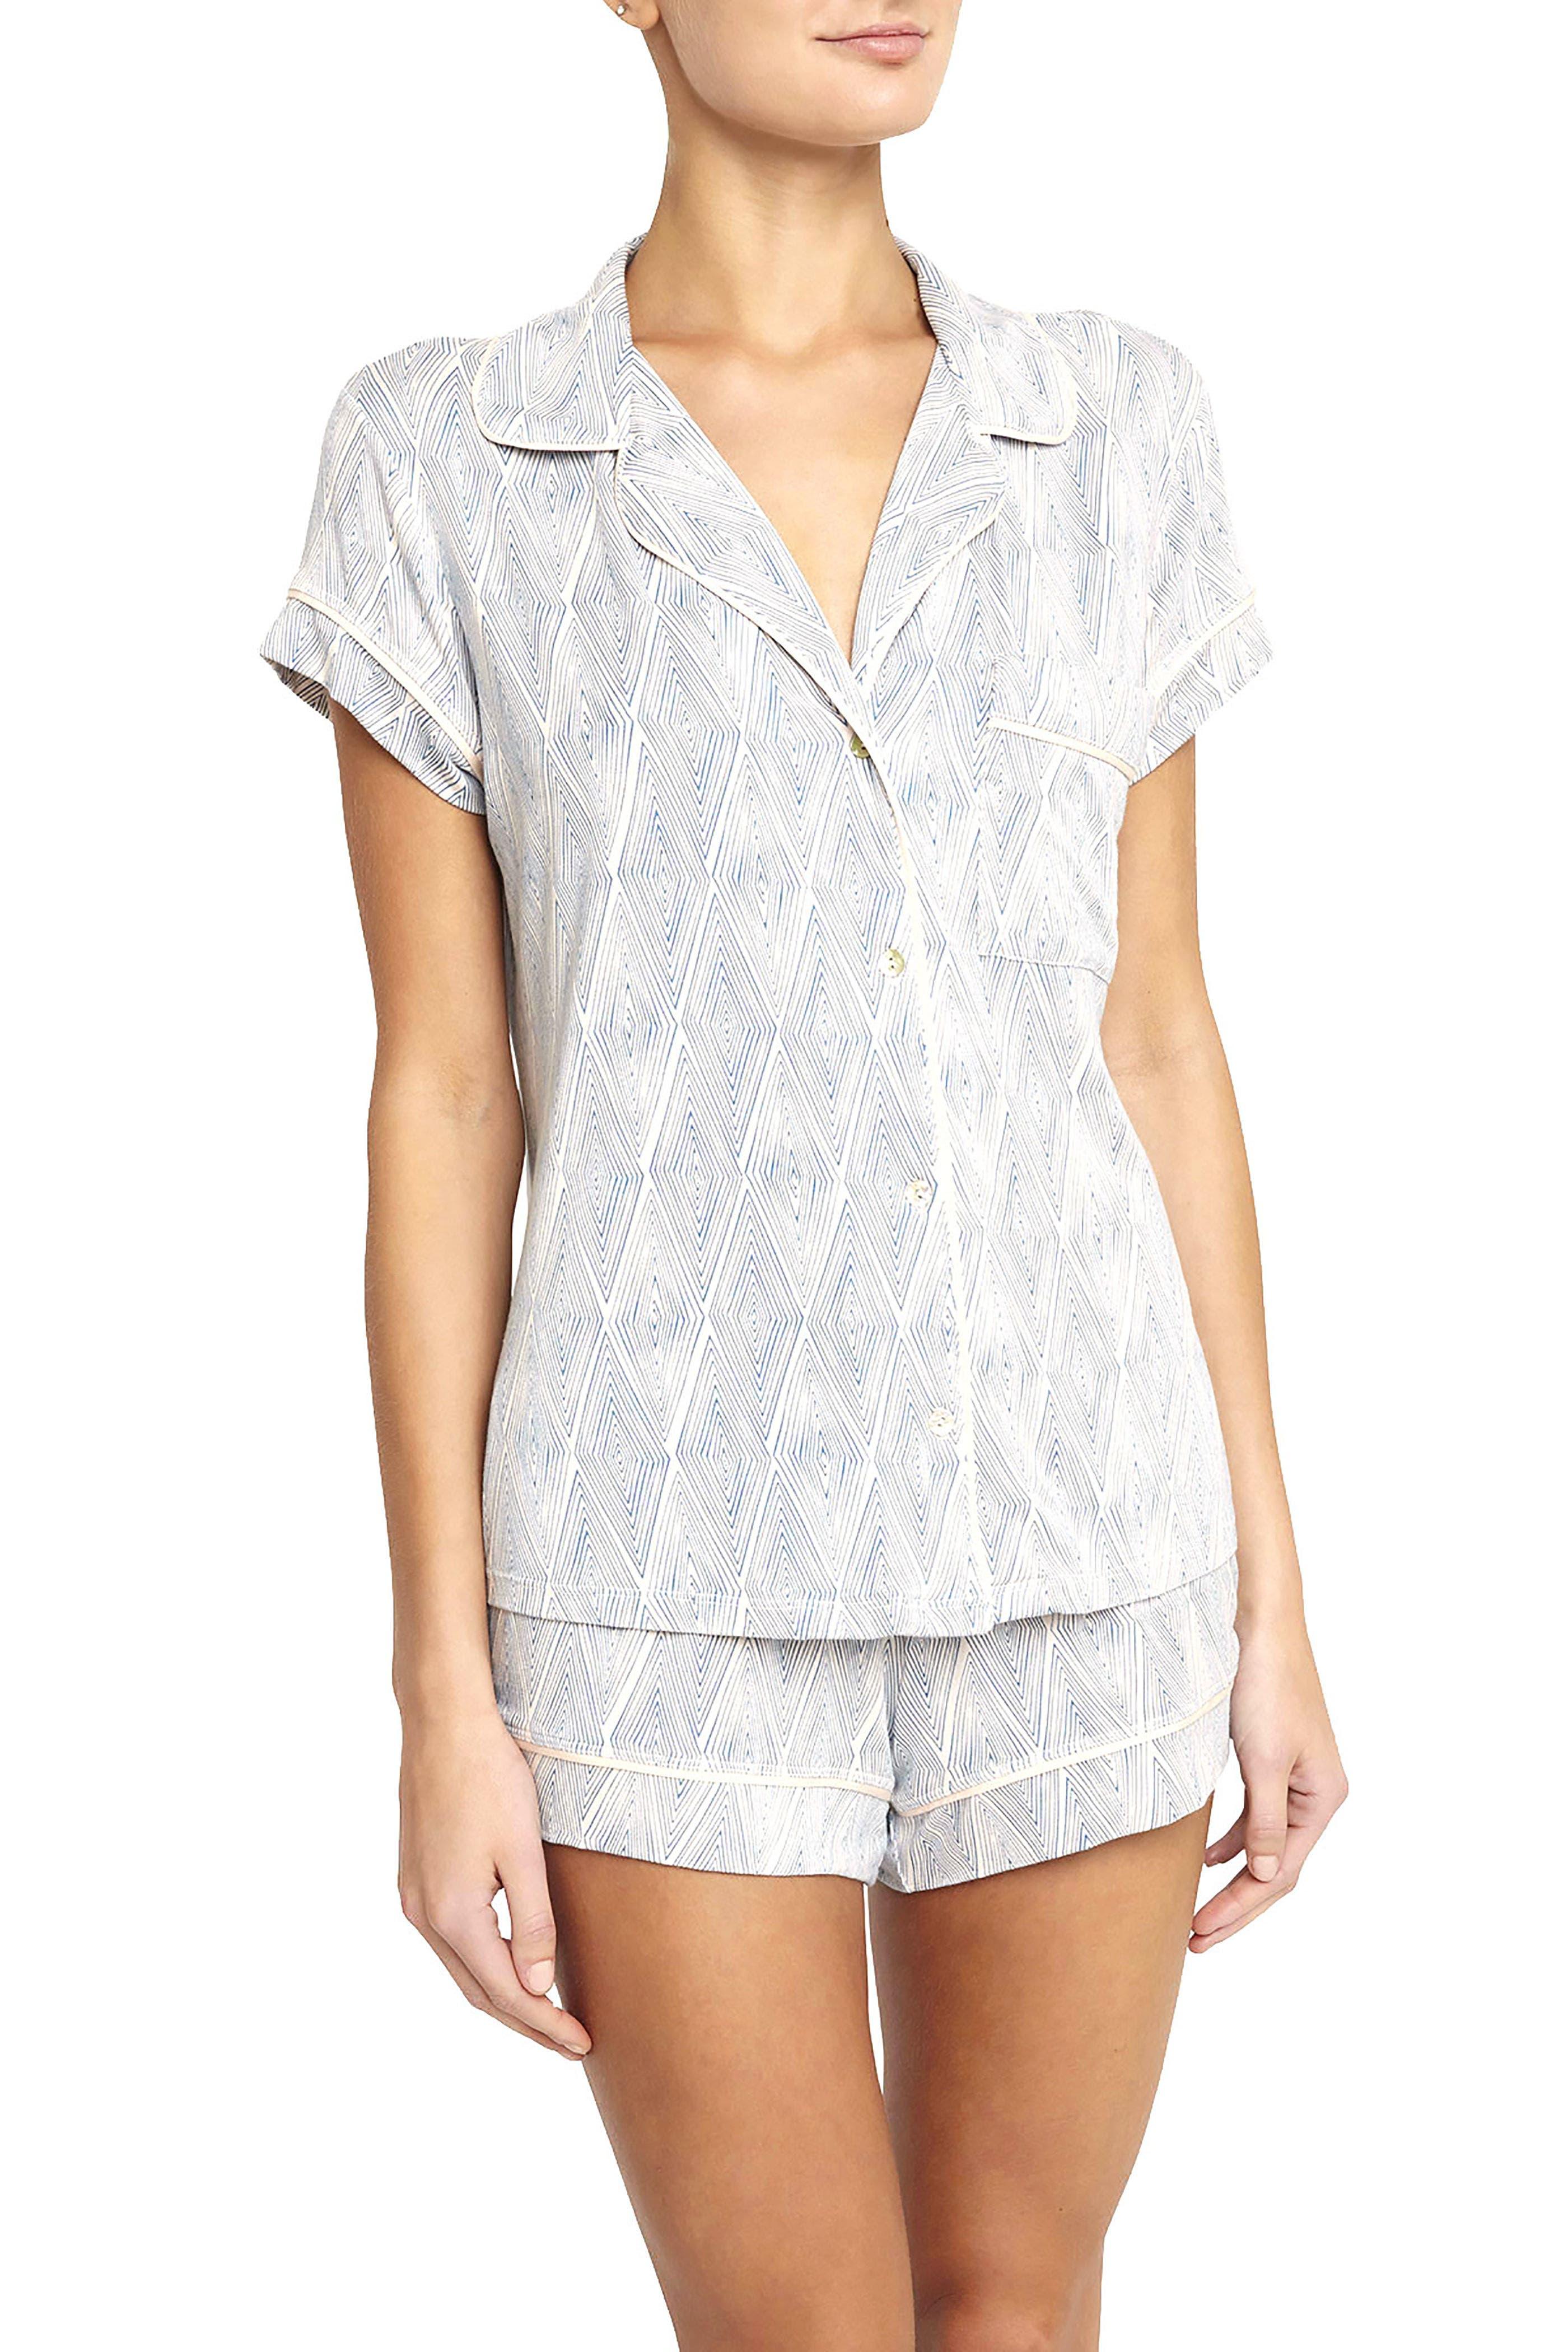 Alternate Image 1 Selected - Eberjey Diamond Maze Short Pajamas